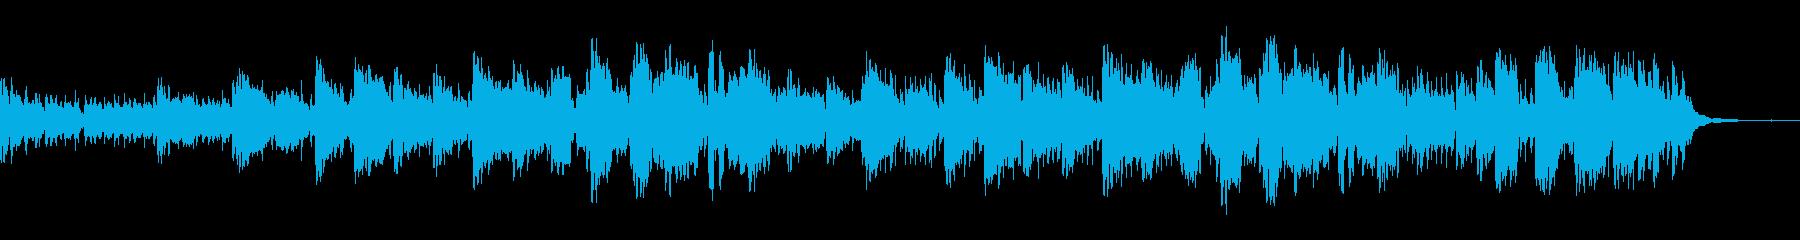 西部劇をイメージした曲の再生済みの波形